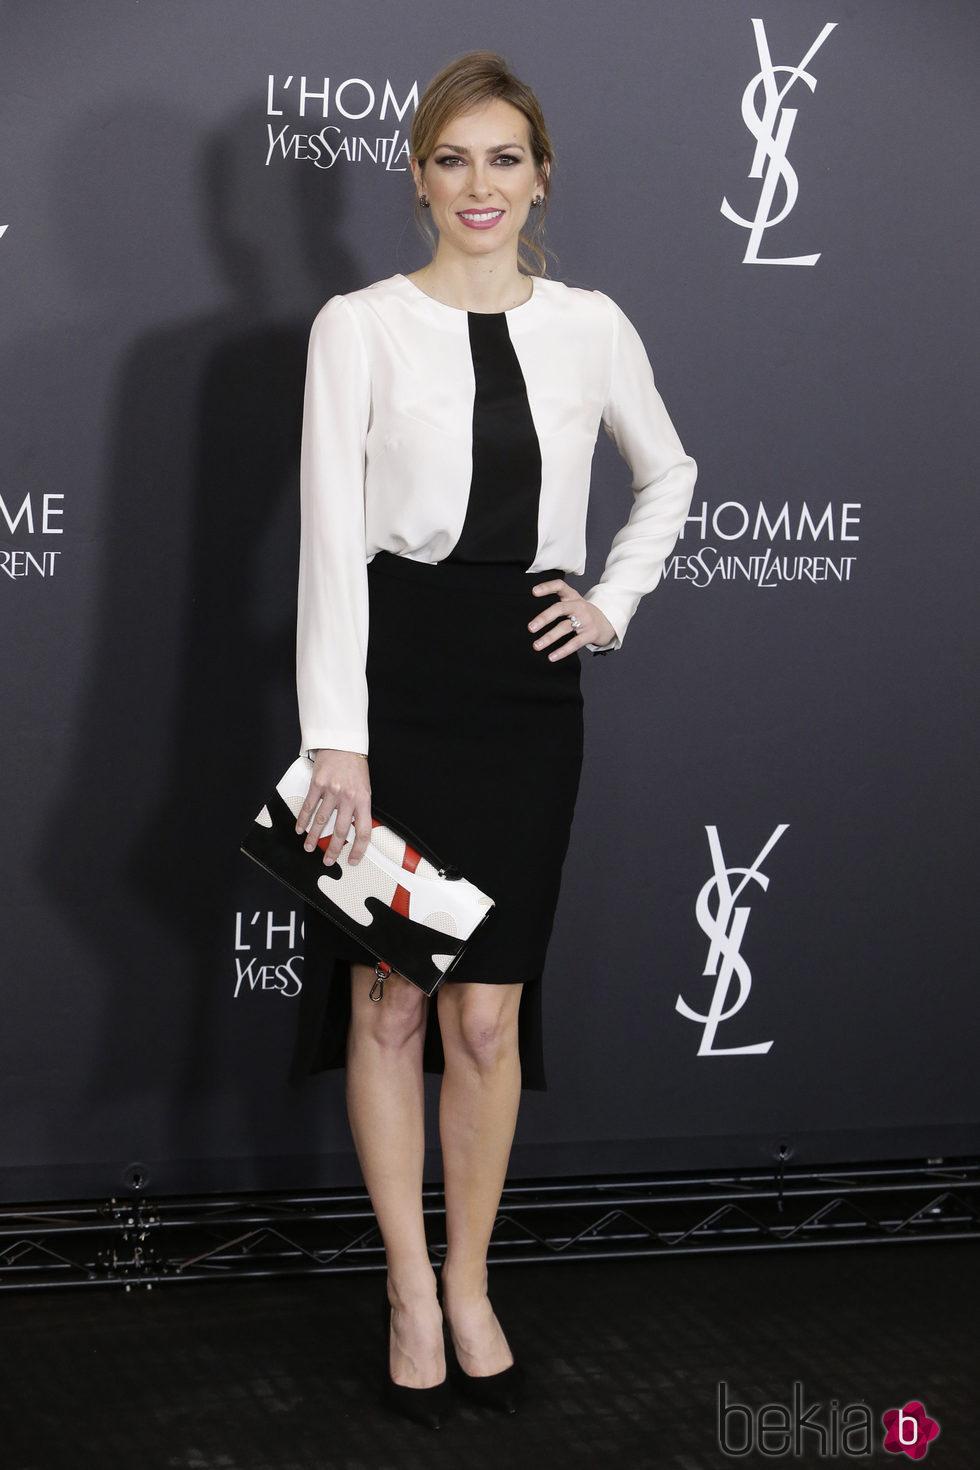 Kira Miró en el aniversario del perfume 'L'Homme' de Yves Saint Laurent en Madrid